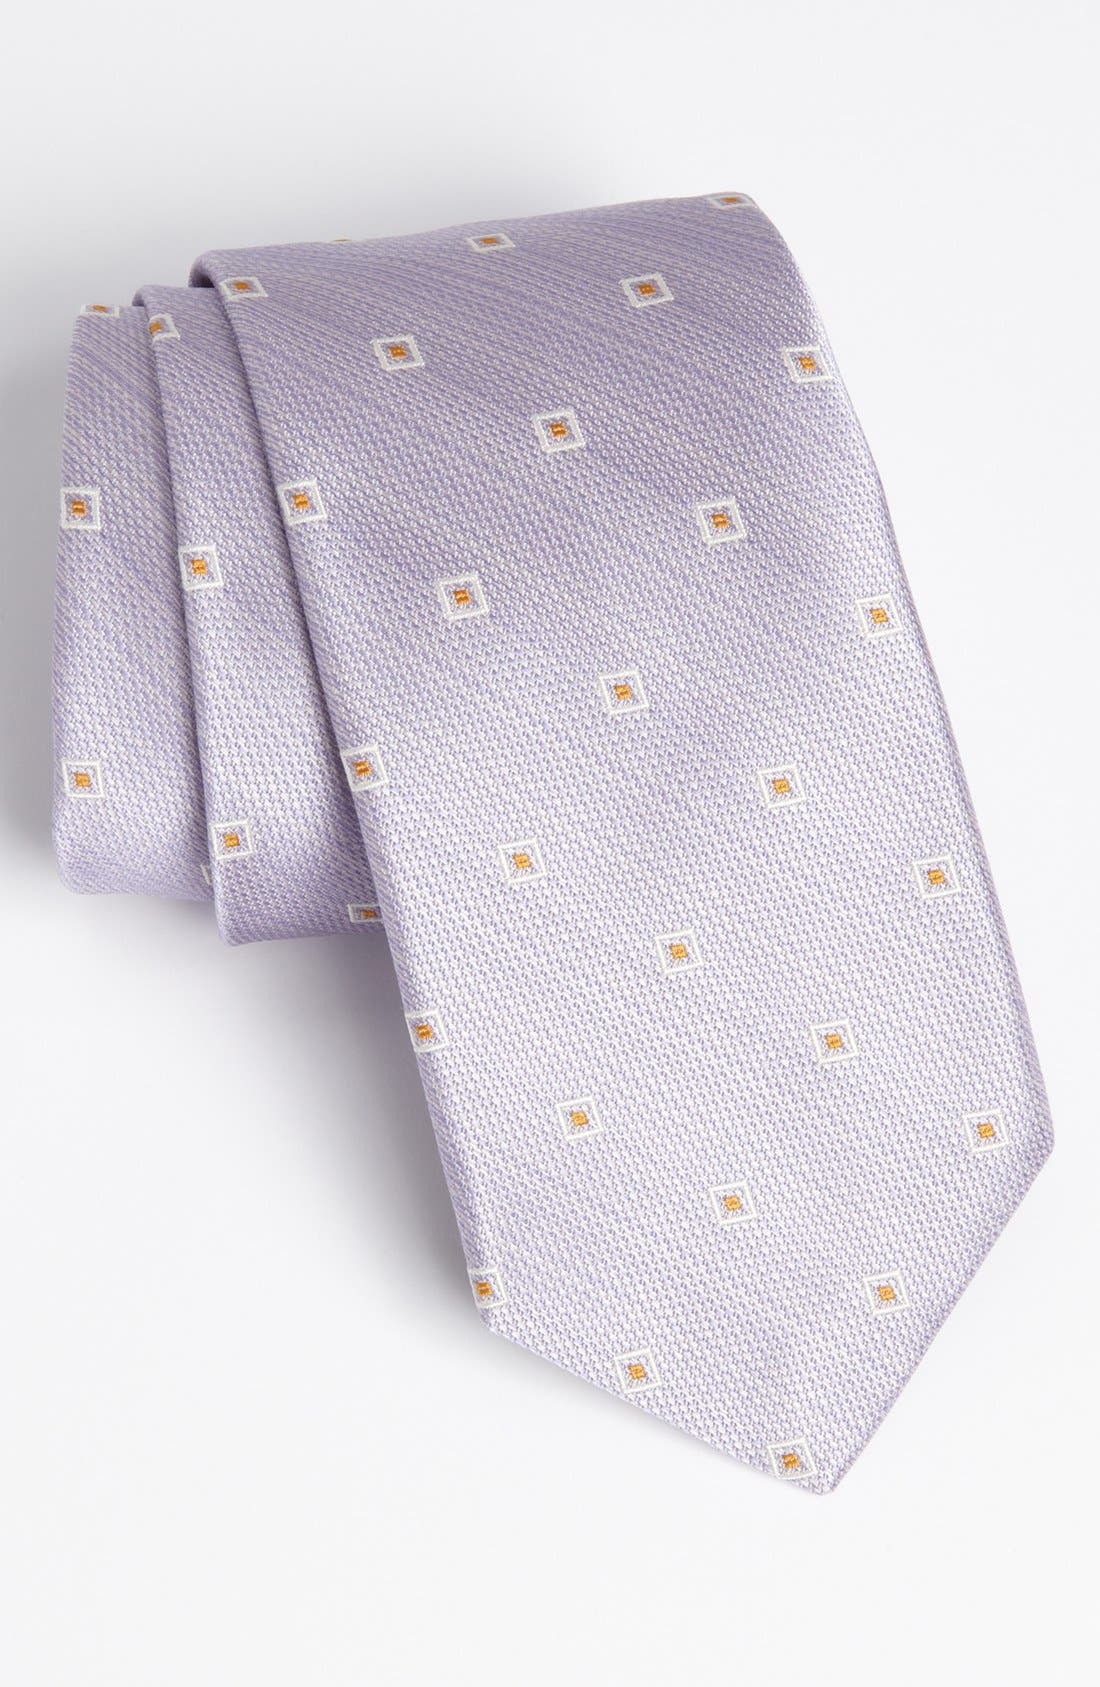 Main Image - Robert Talbott Woven Tie